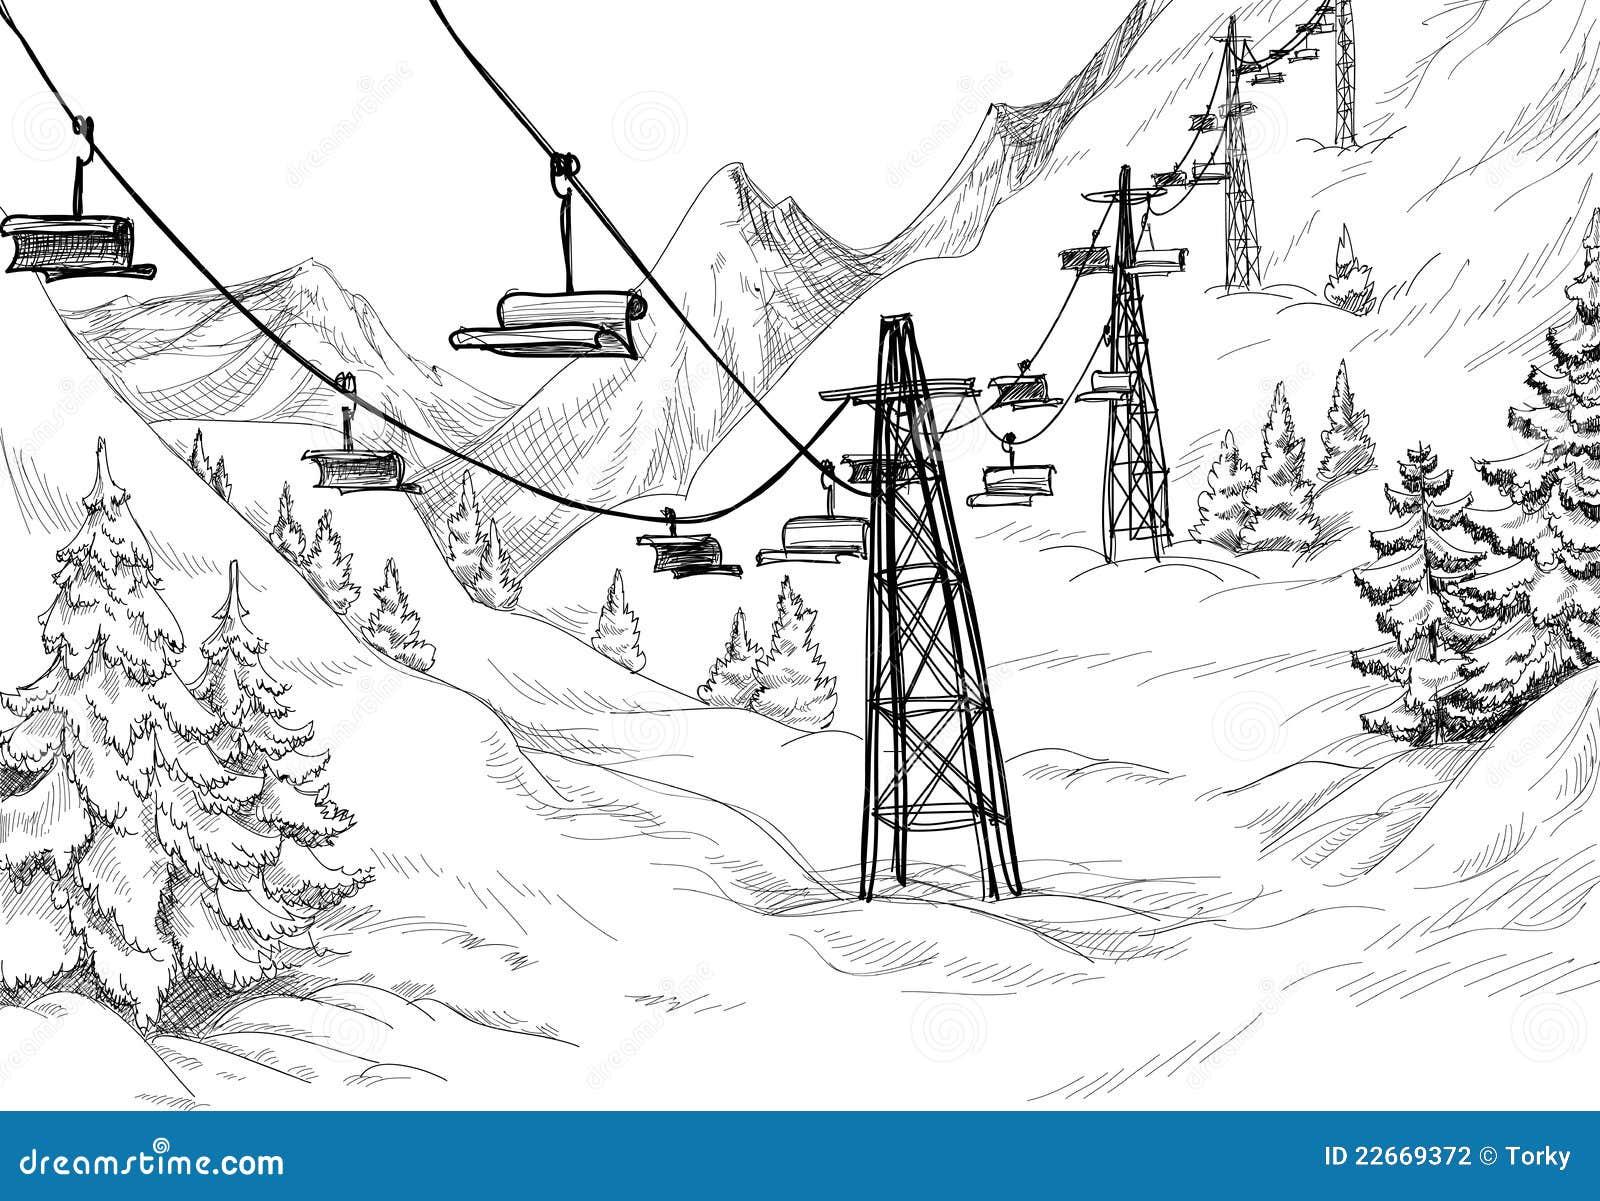 Paesaggio Di Montagna Disegno.Winter Mountain Stock Vector Illustration Of Chair Pine 22669372